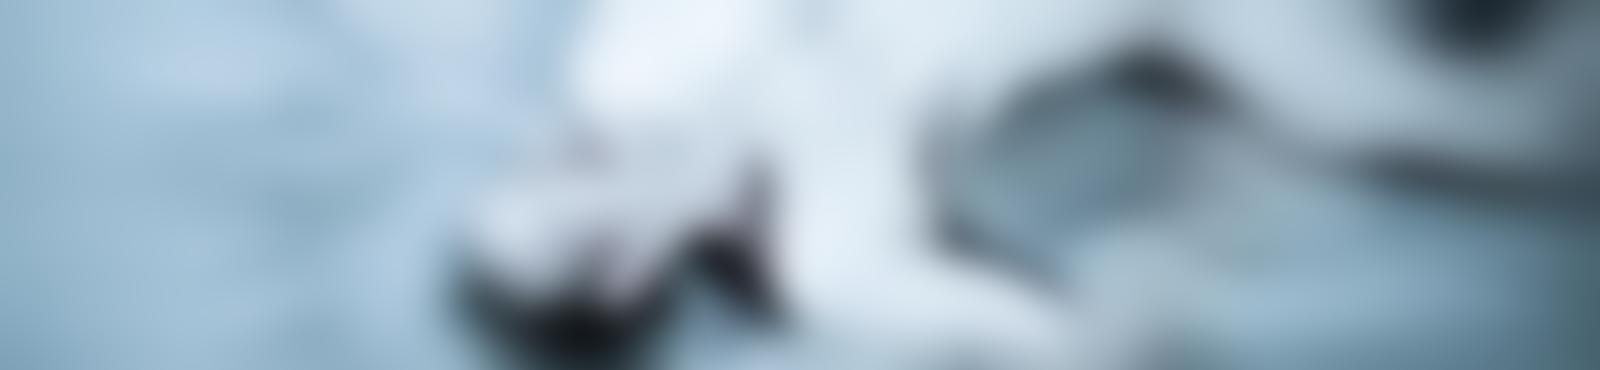 Blurred 8fc5abd8 d6be 4e36 bc11 6ca0ddda3830